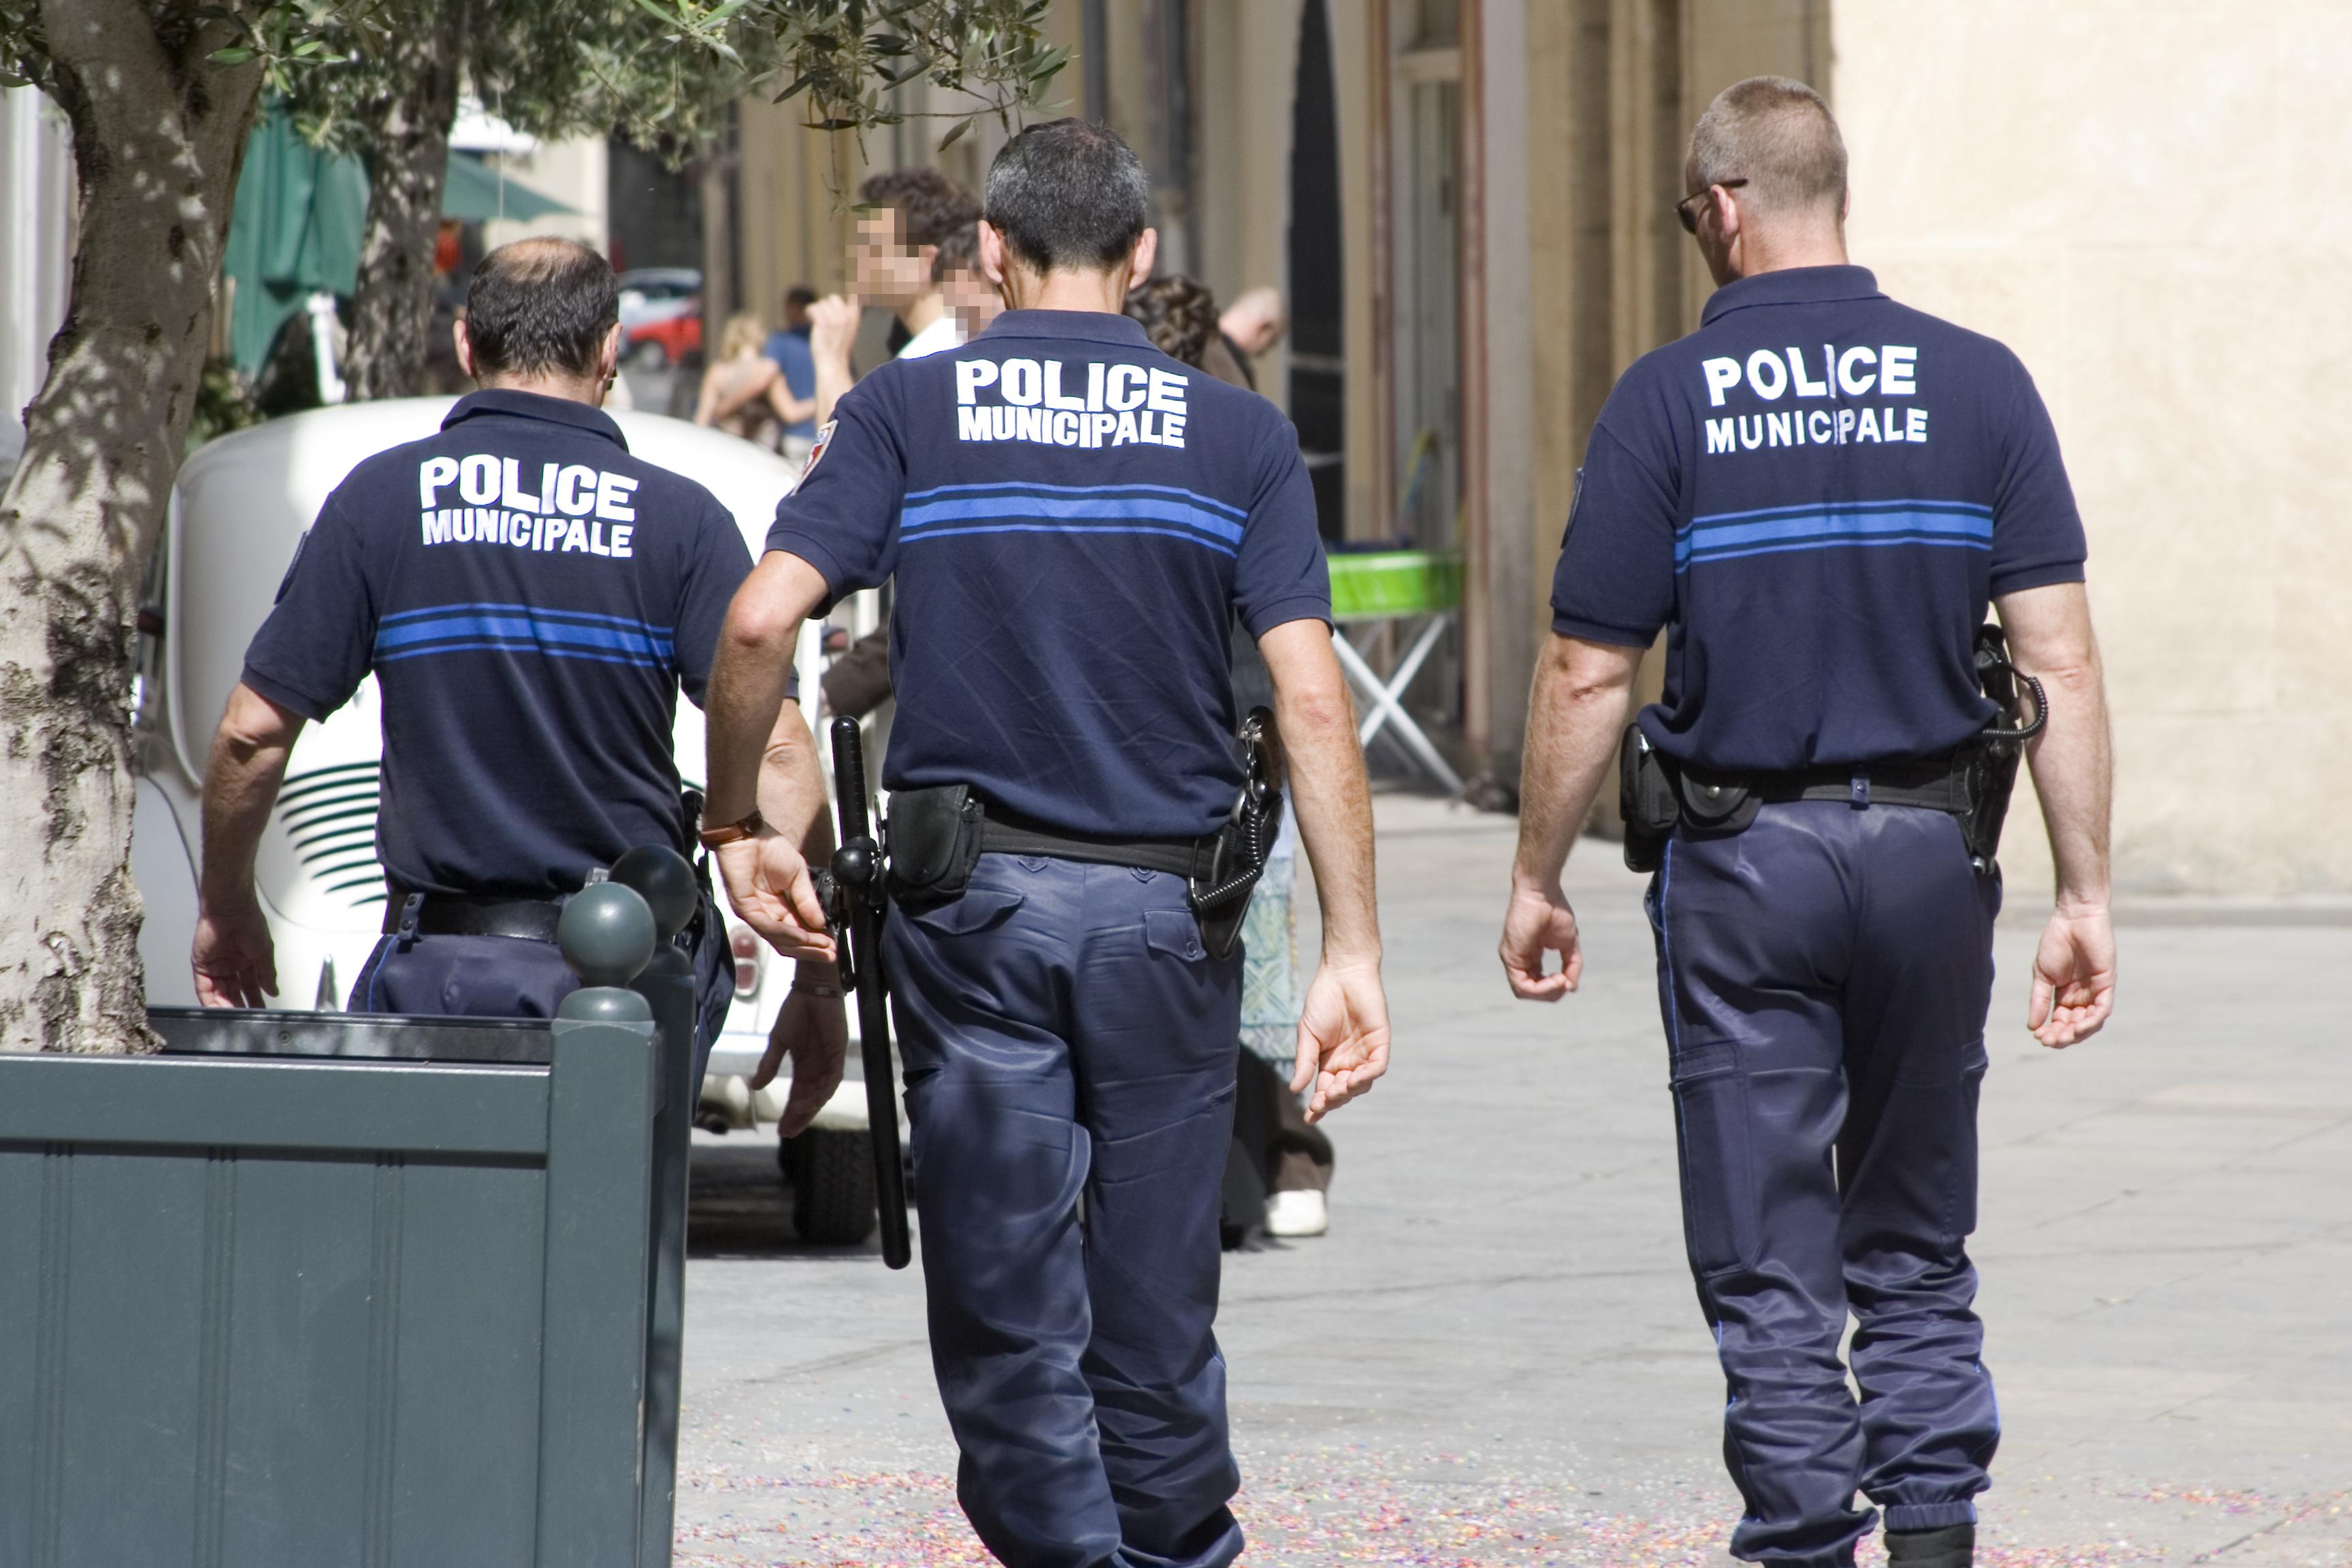 Police Municipale : missions & enjeux d'une profession en devenir